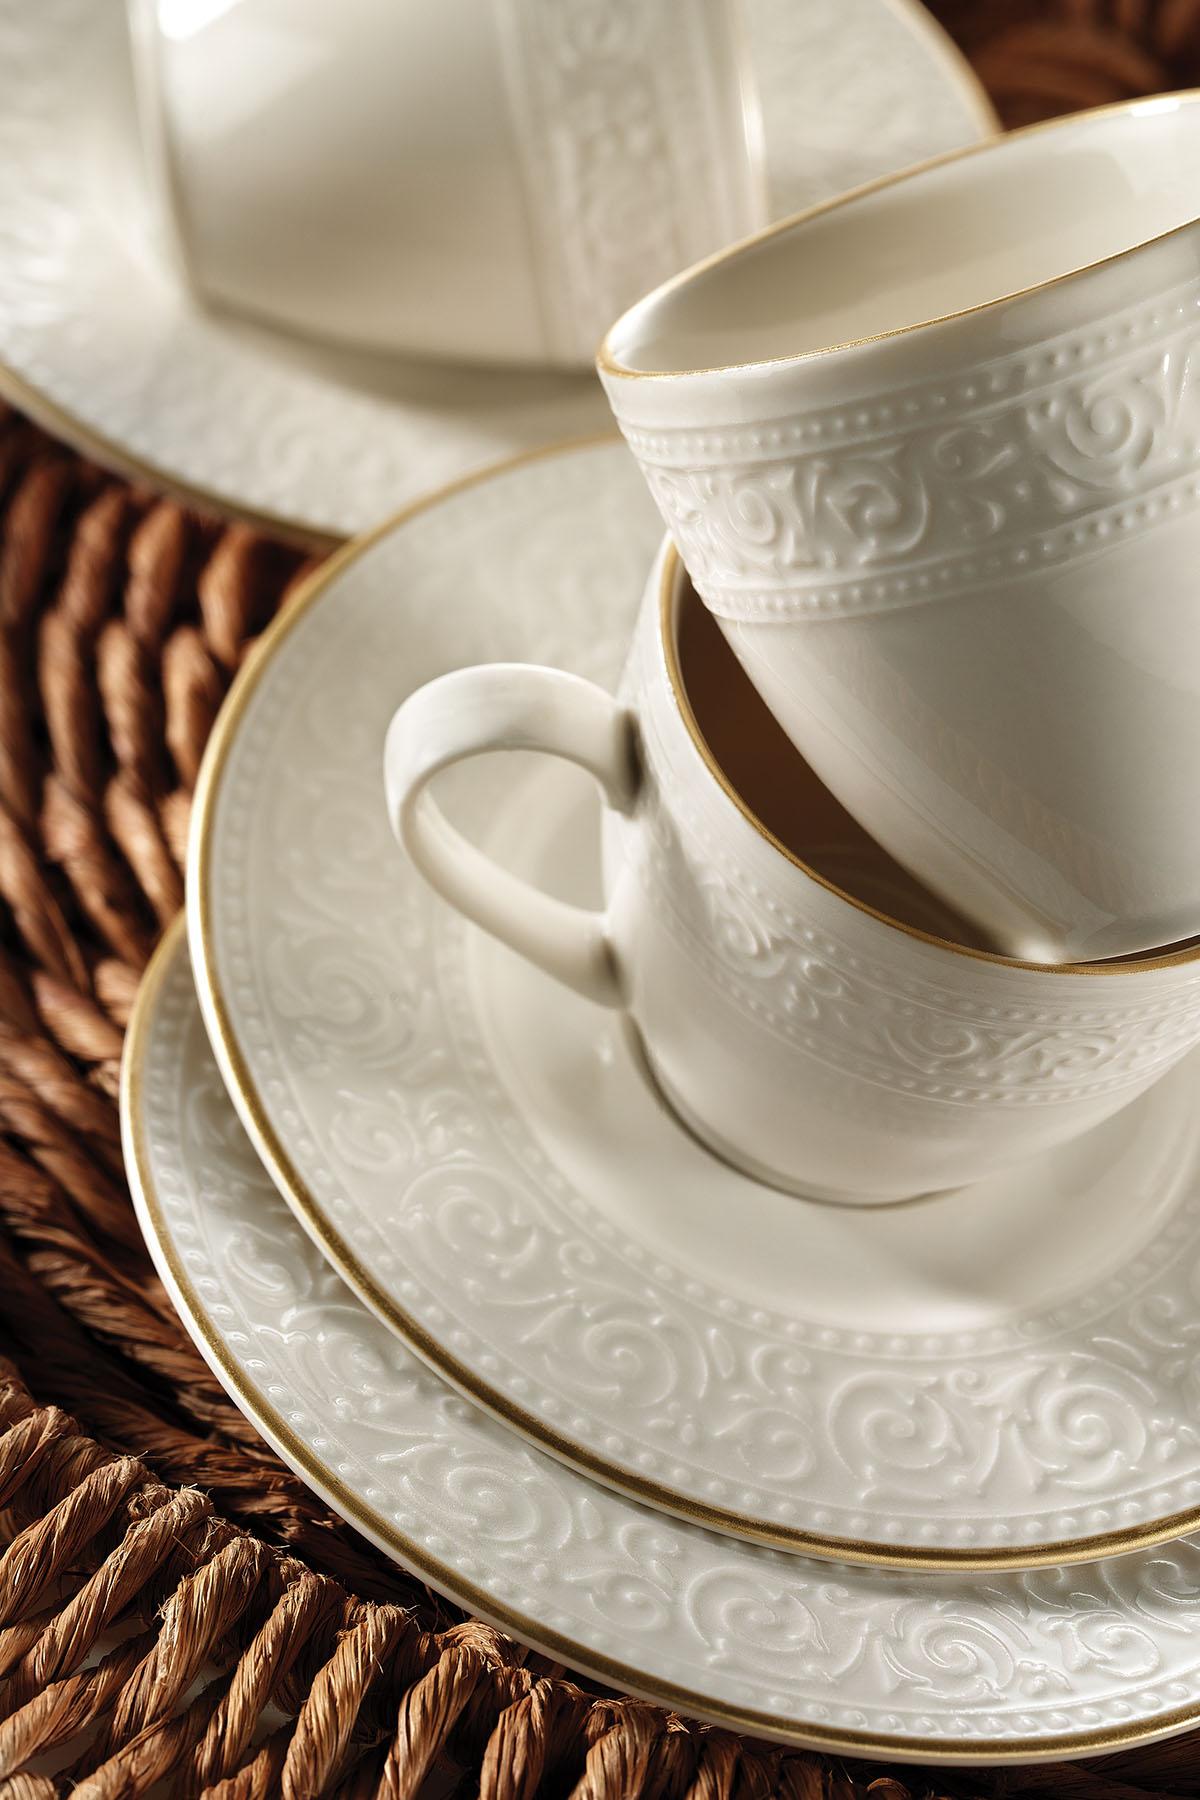 Kütahya Porselen - Kütahya Porselen Açelye Krem Altın File Kahve Fincan Takımı